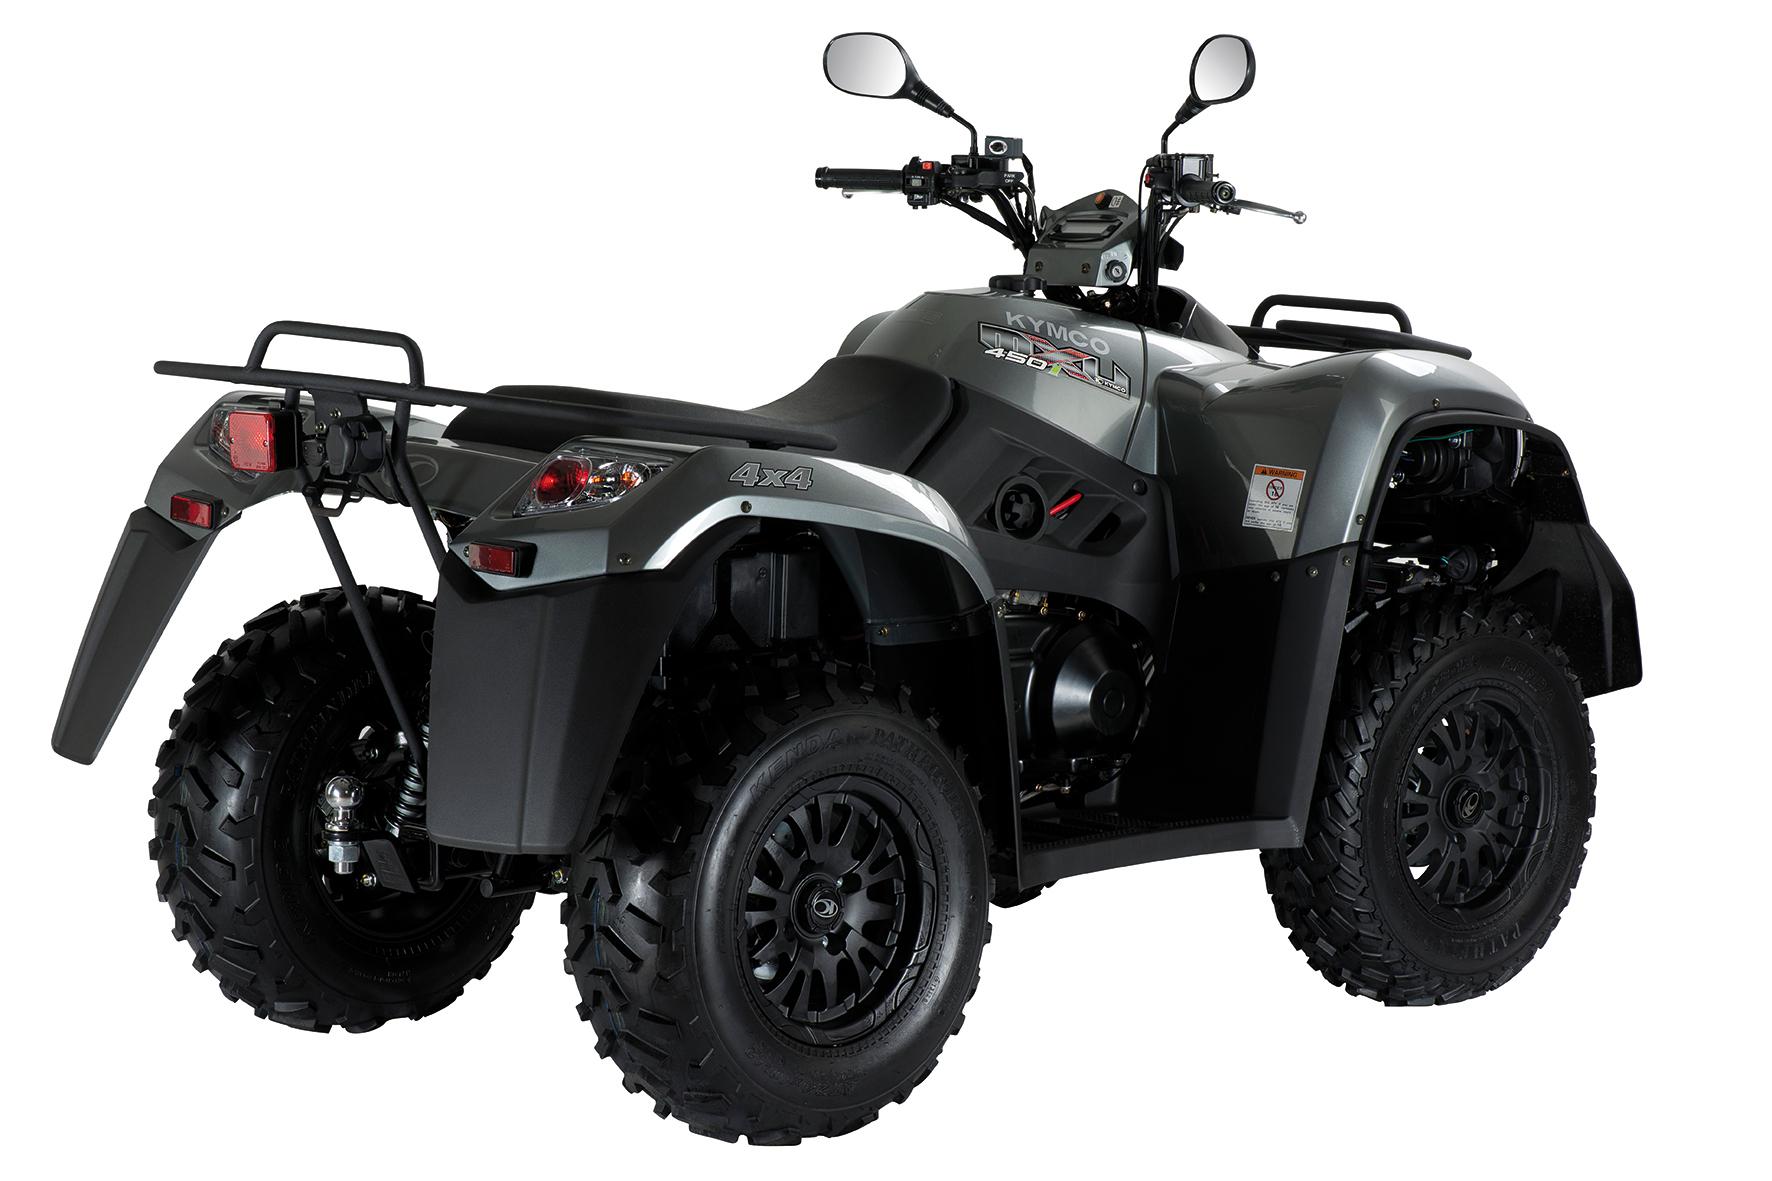 mid Rüsselsheim - Dickes Ding zum kleineren Preis: Den Quad MXU 450i LOF von Kymco gibt es ab sofort für 6.999 Euro und damit einem Preisvorteil von 400 Euro.